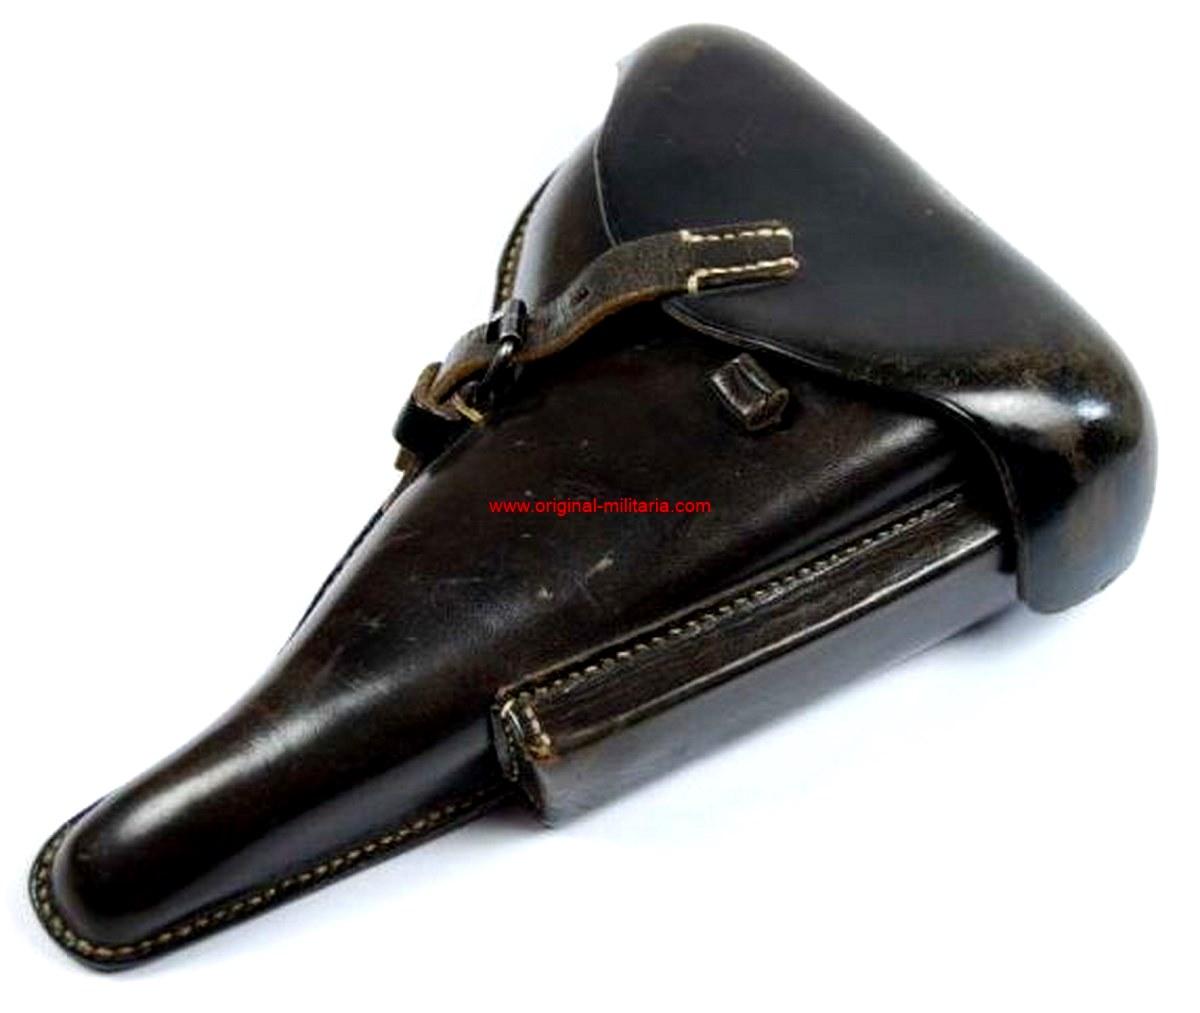 WH/ Variante de Funda para la Luger, 1938